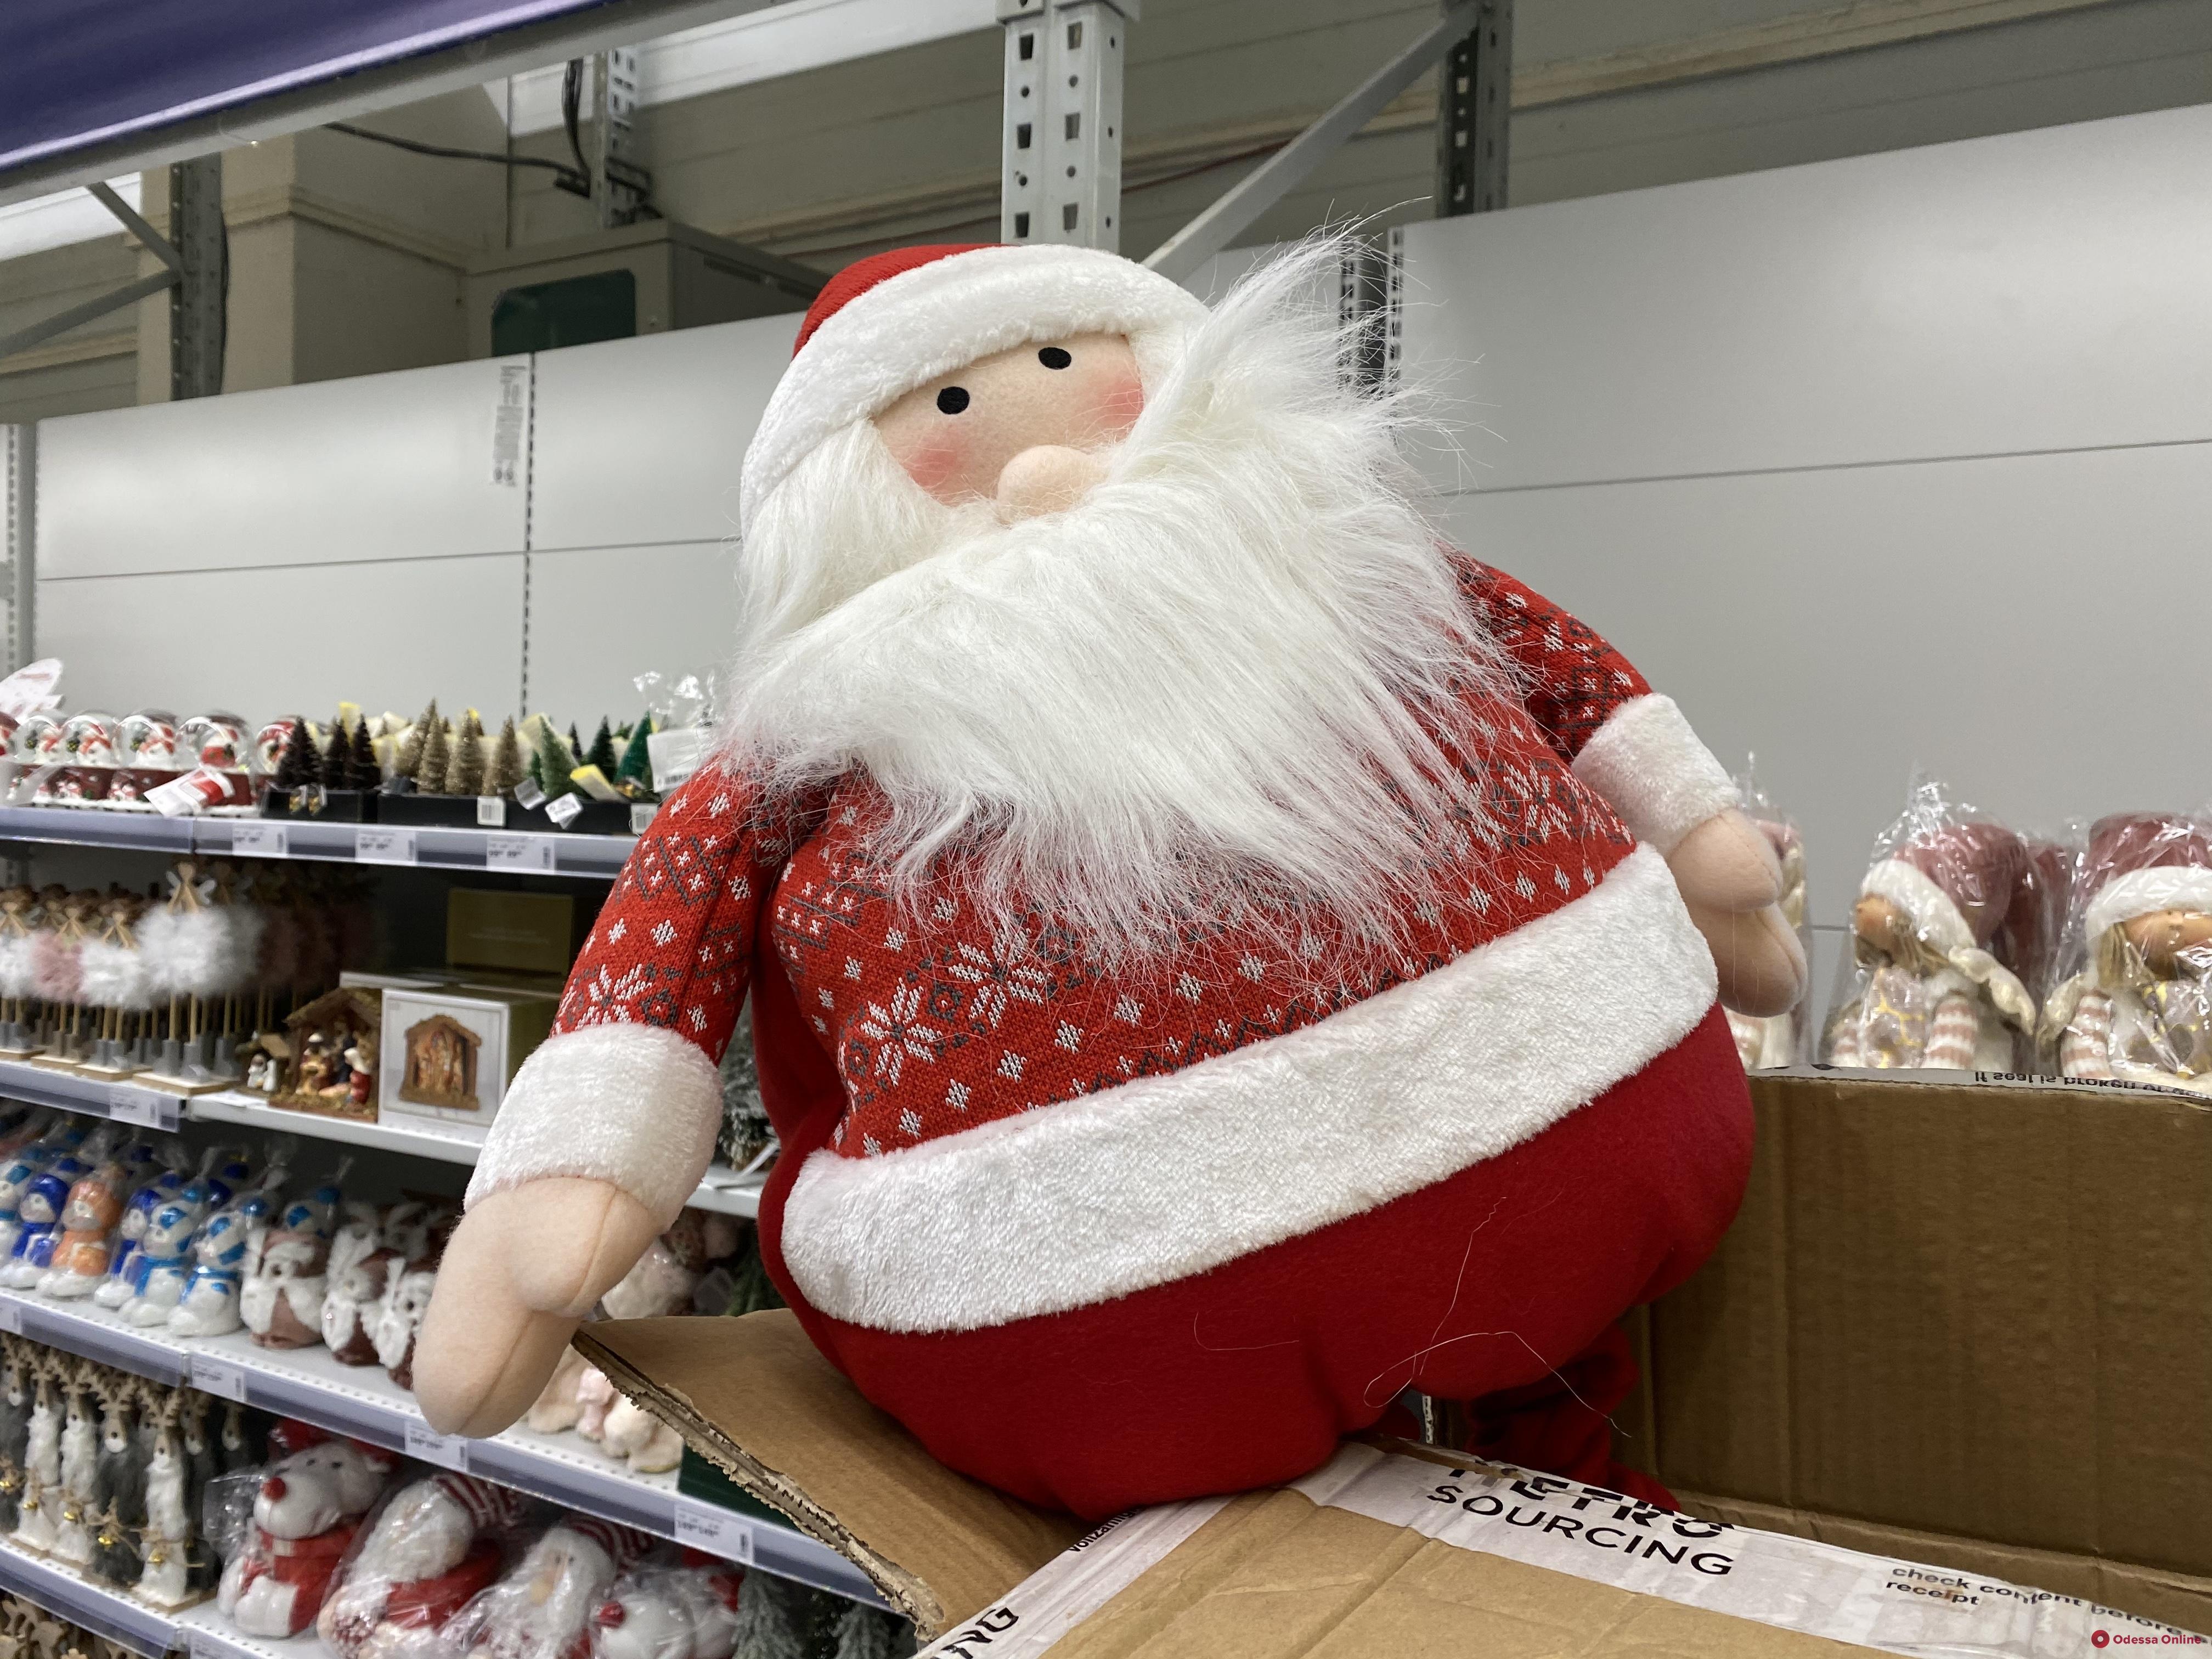 Шары, елки, игрушки: в одесские магазины уже завезли новогоднюю атрибутику (фото)